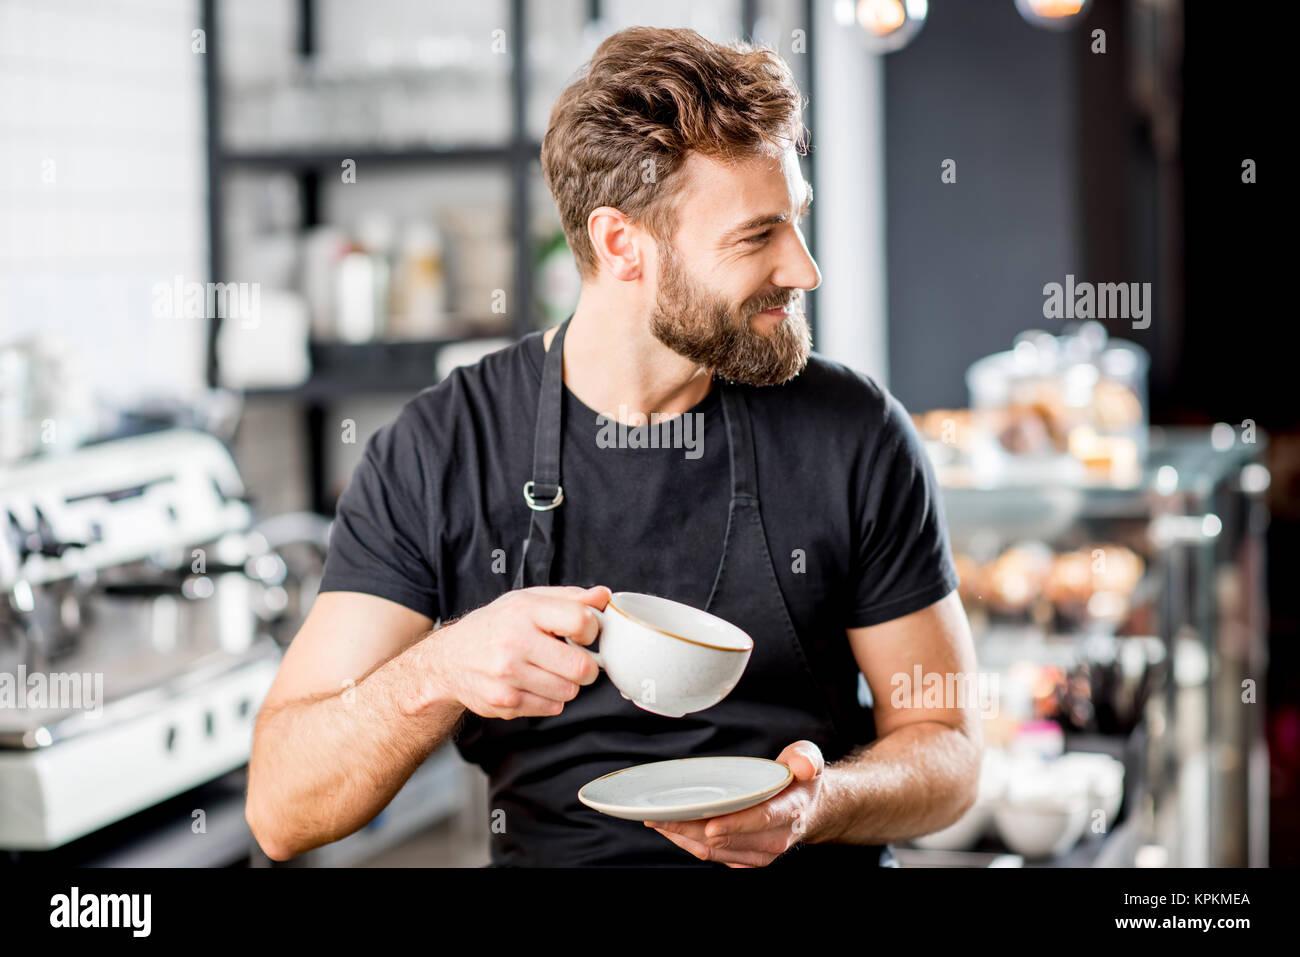 Barista retrato en la cafetería Imagen De Stock